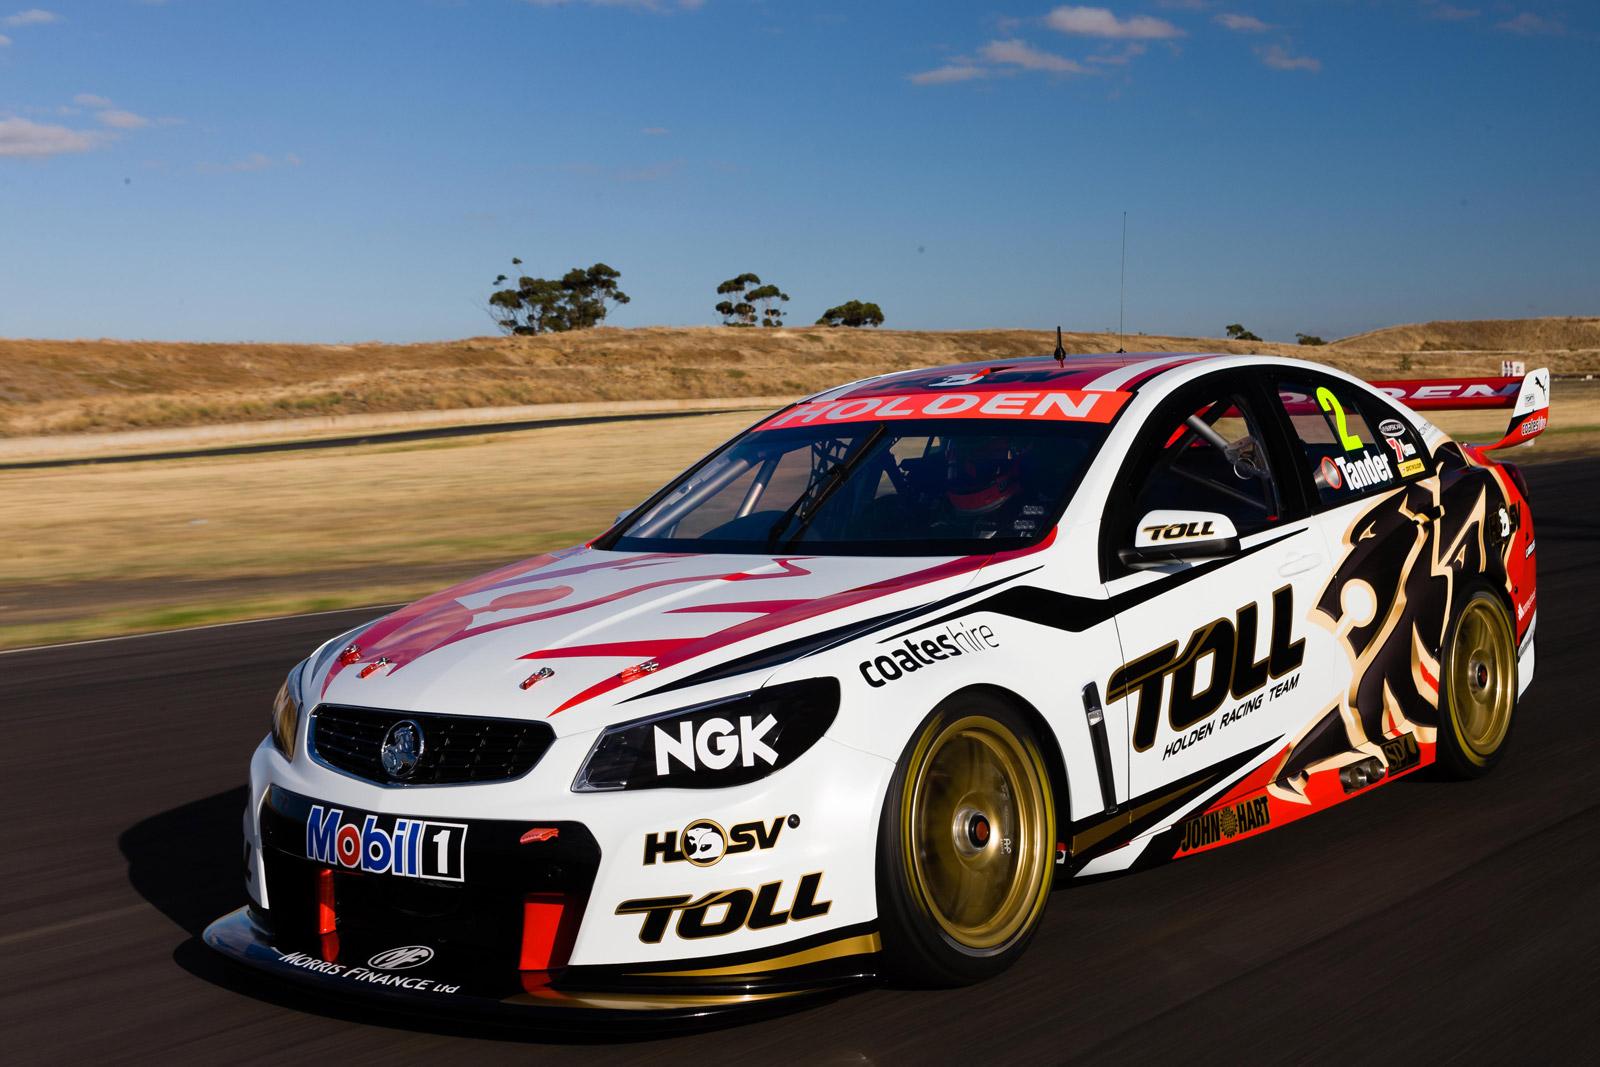 Vf holden commodore v8 supercars race car revealed for Holden motor cars australia